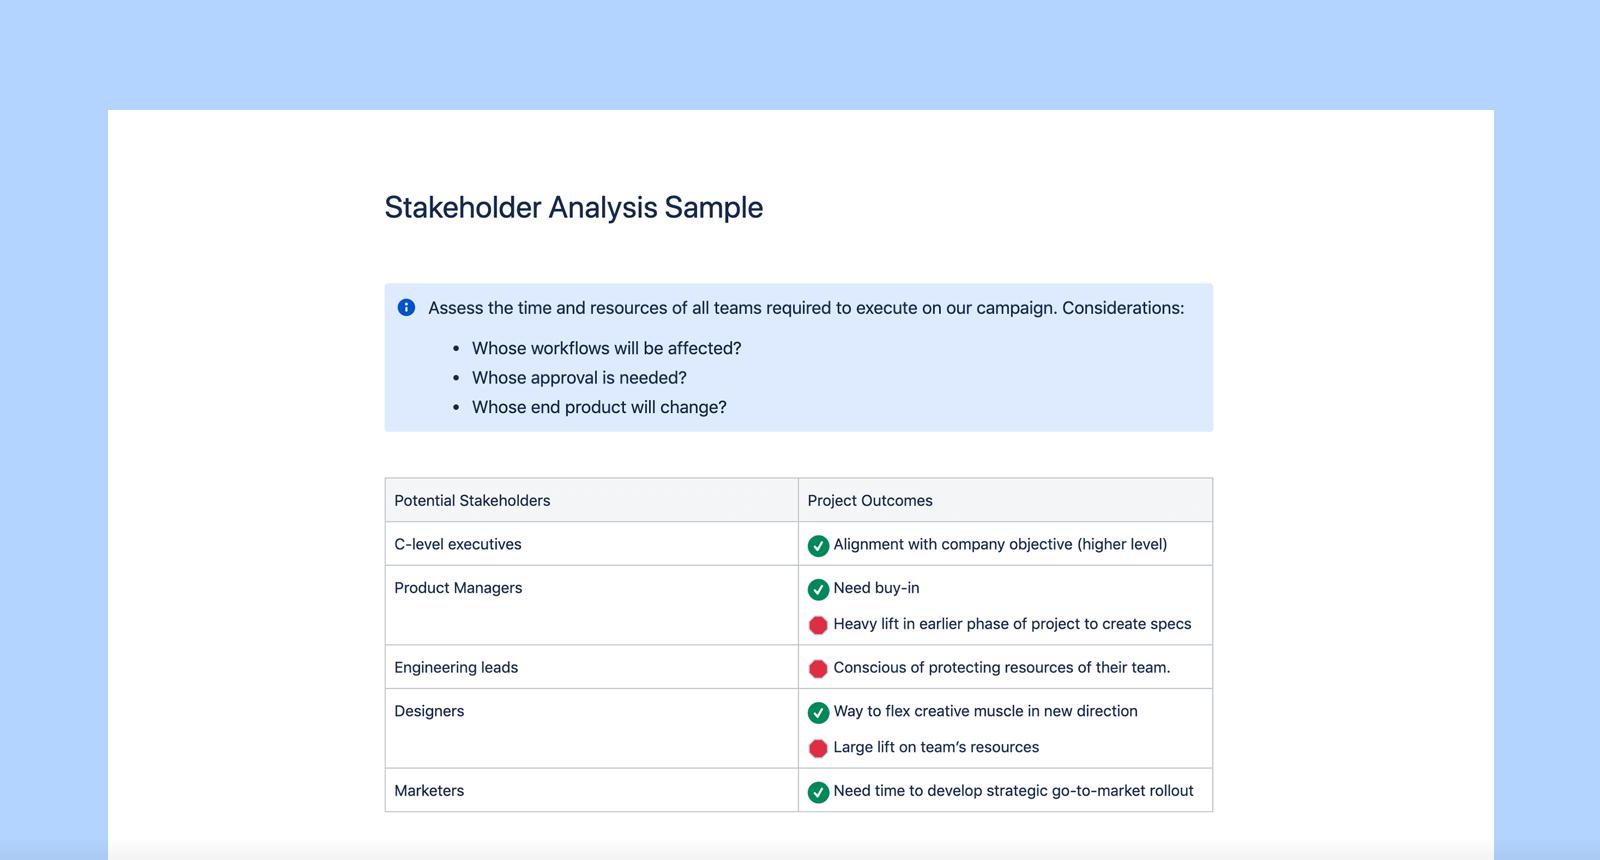 Stakeholder analysis sample